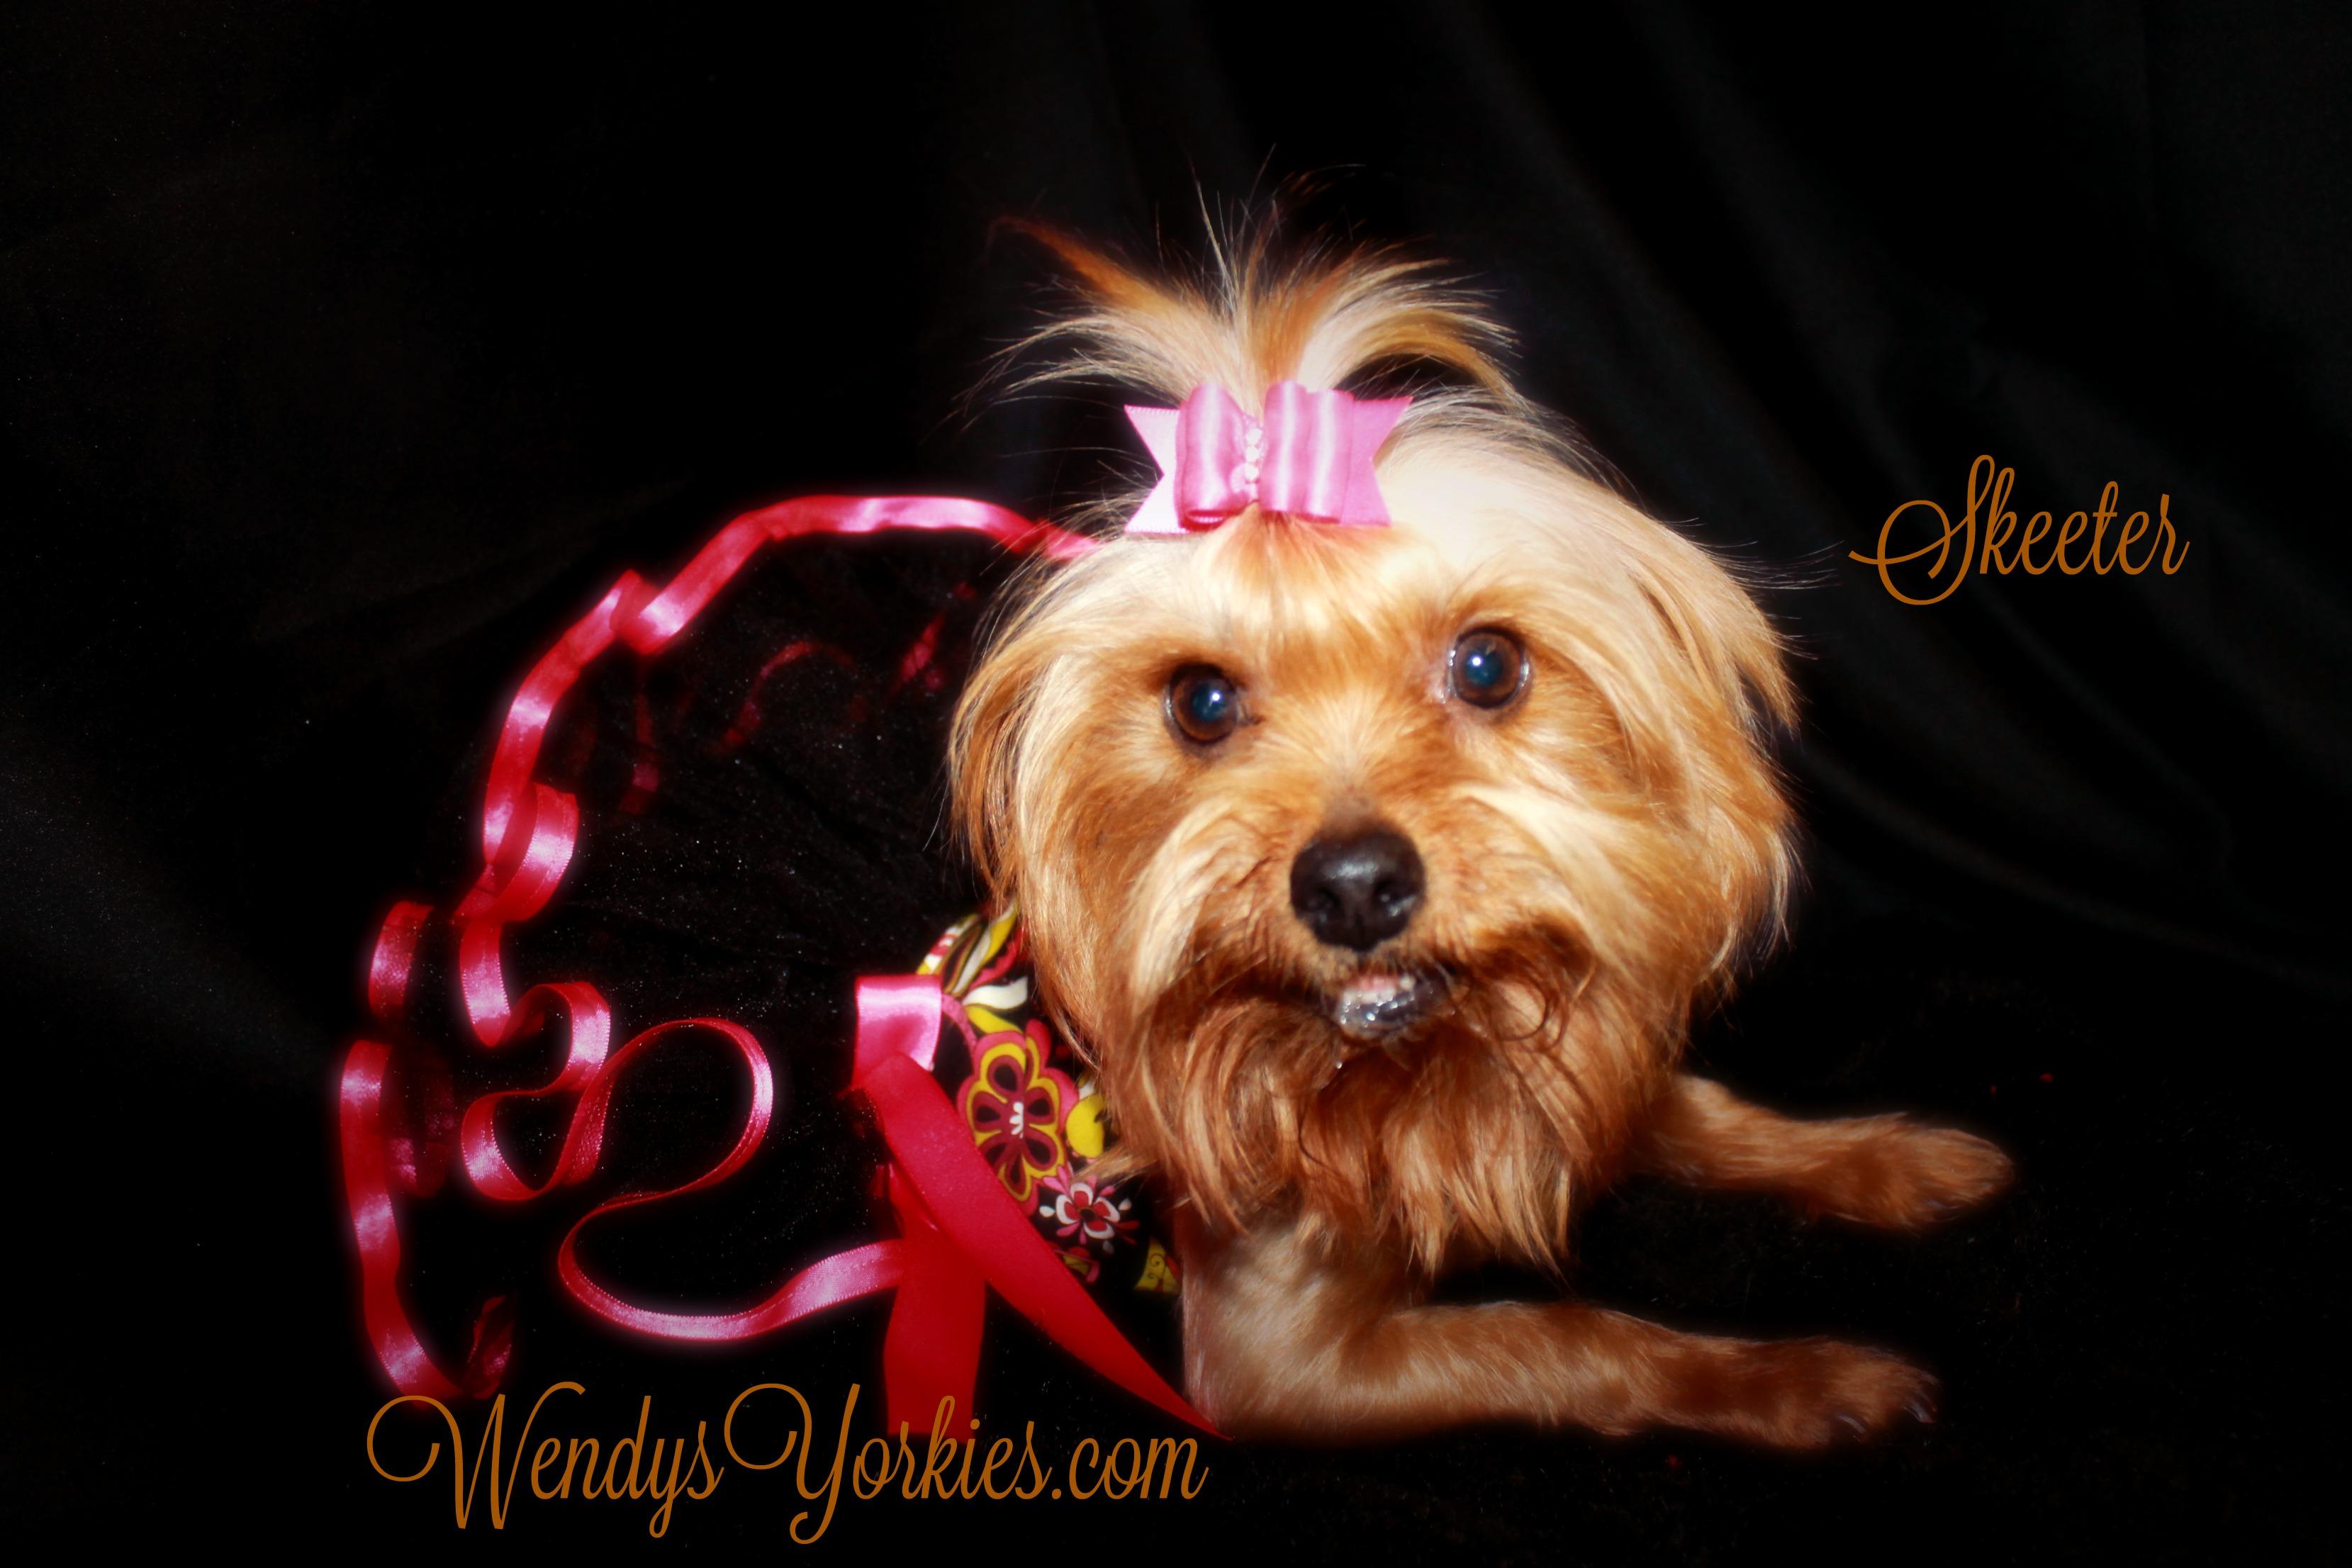 WendysYorkies.com, Female Yorkie Skeeter,